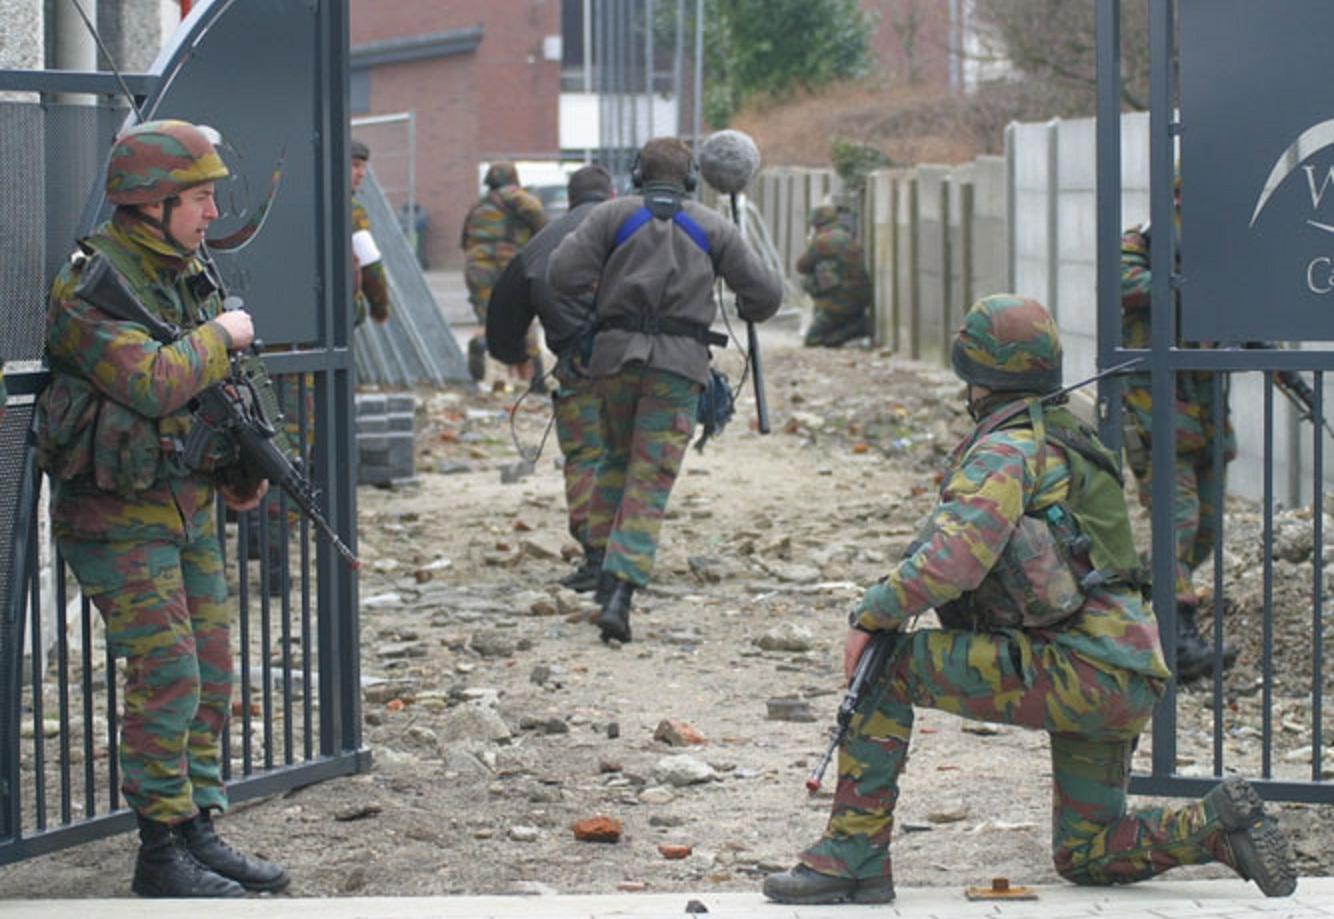 UE zaniemówiła. Wprowadzono stan wojenny, wojsko wyszło na ulice